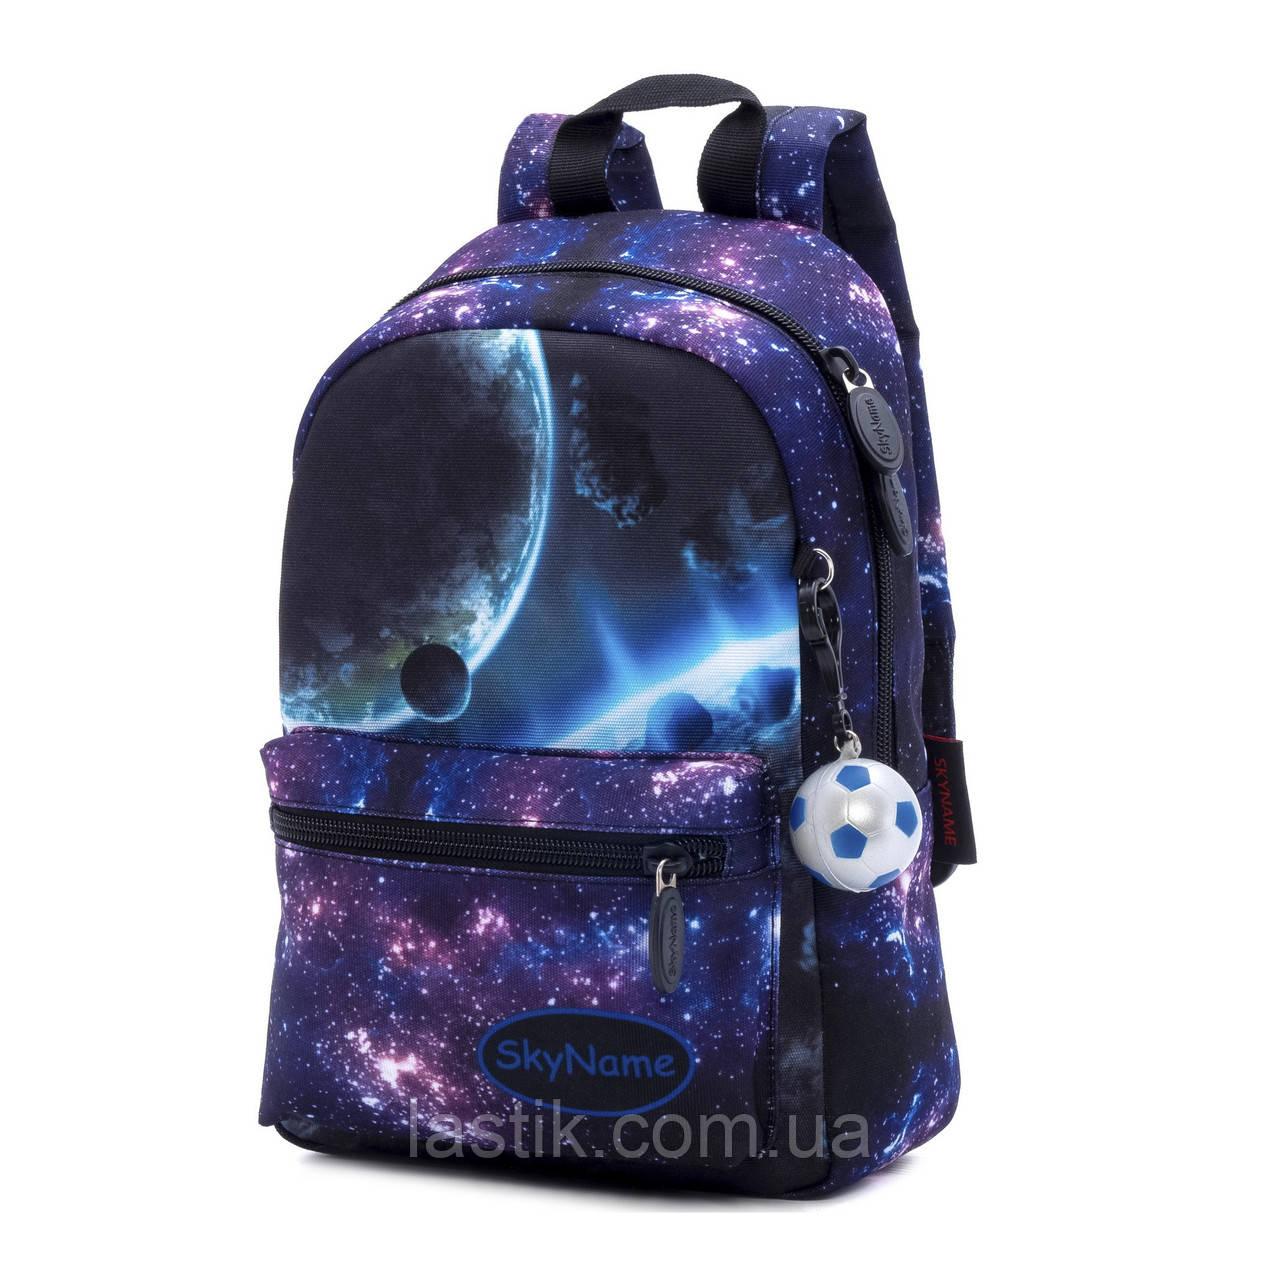 Рюкзак дошкільний для хлопчиків SkyName 1106